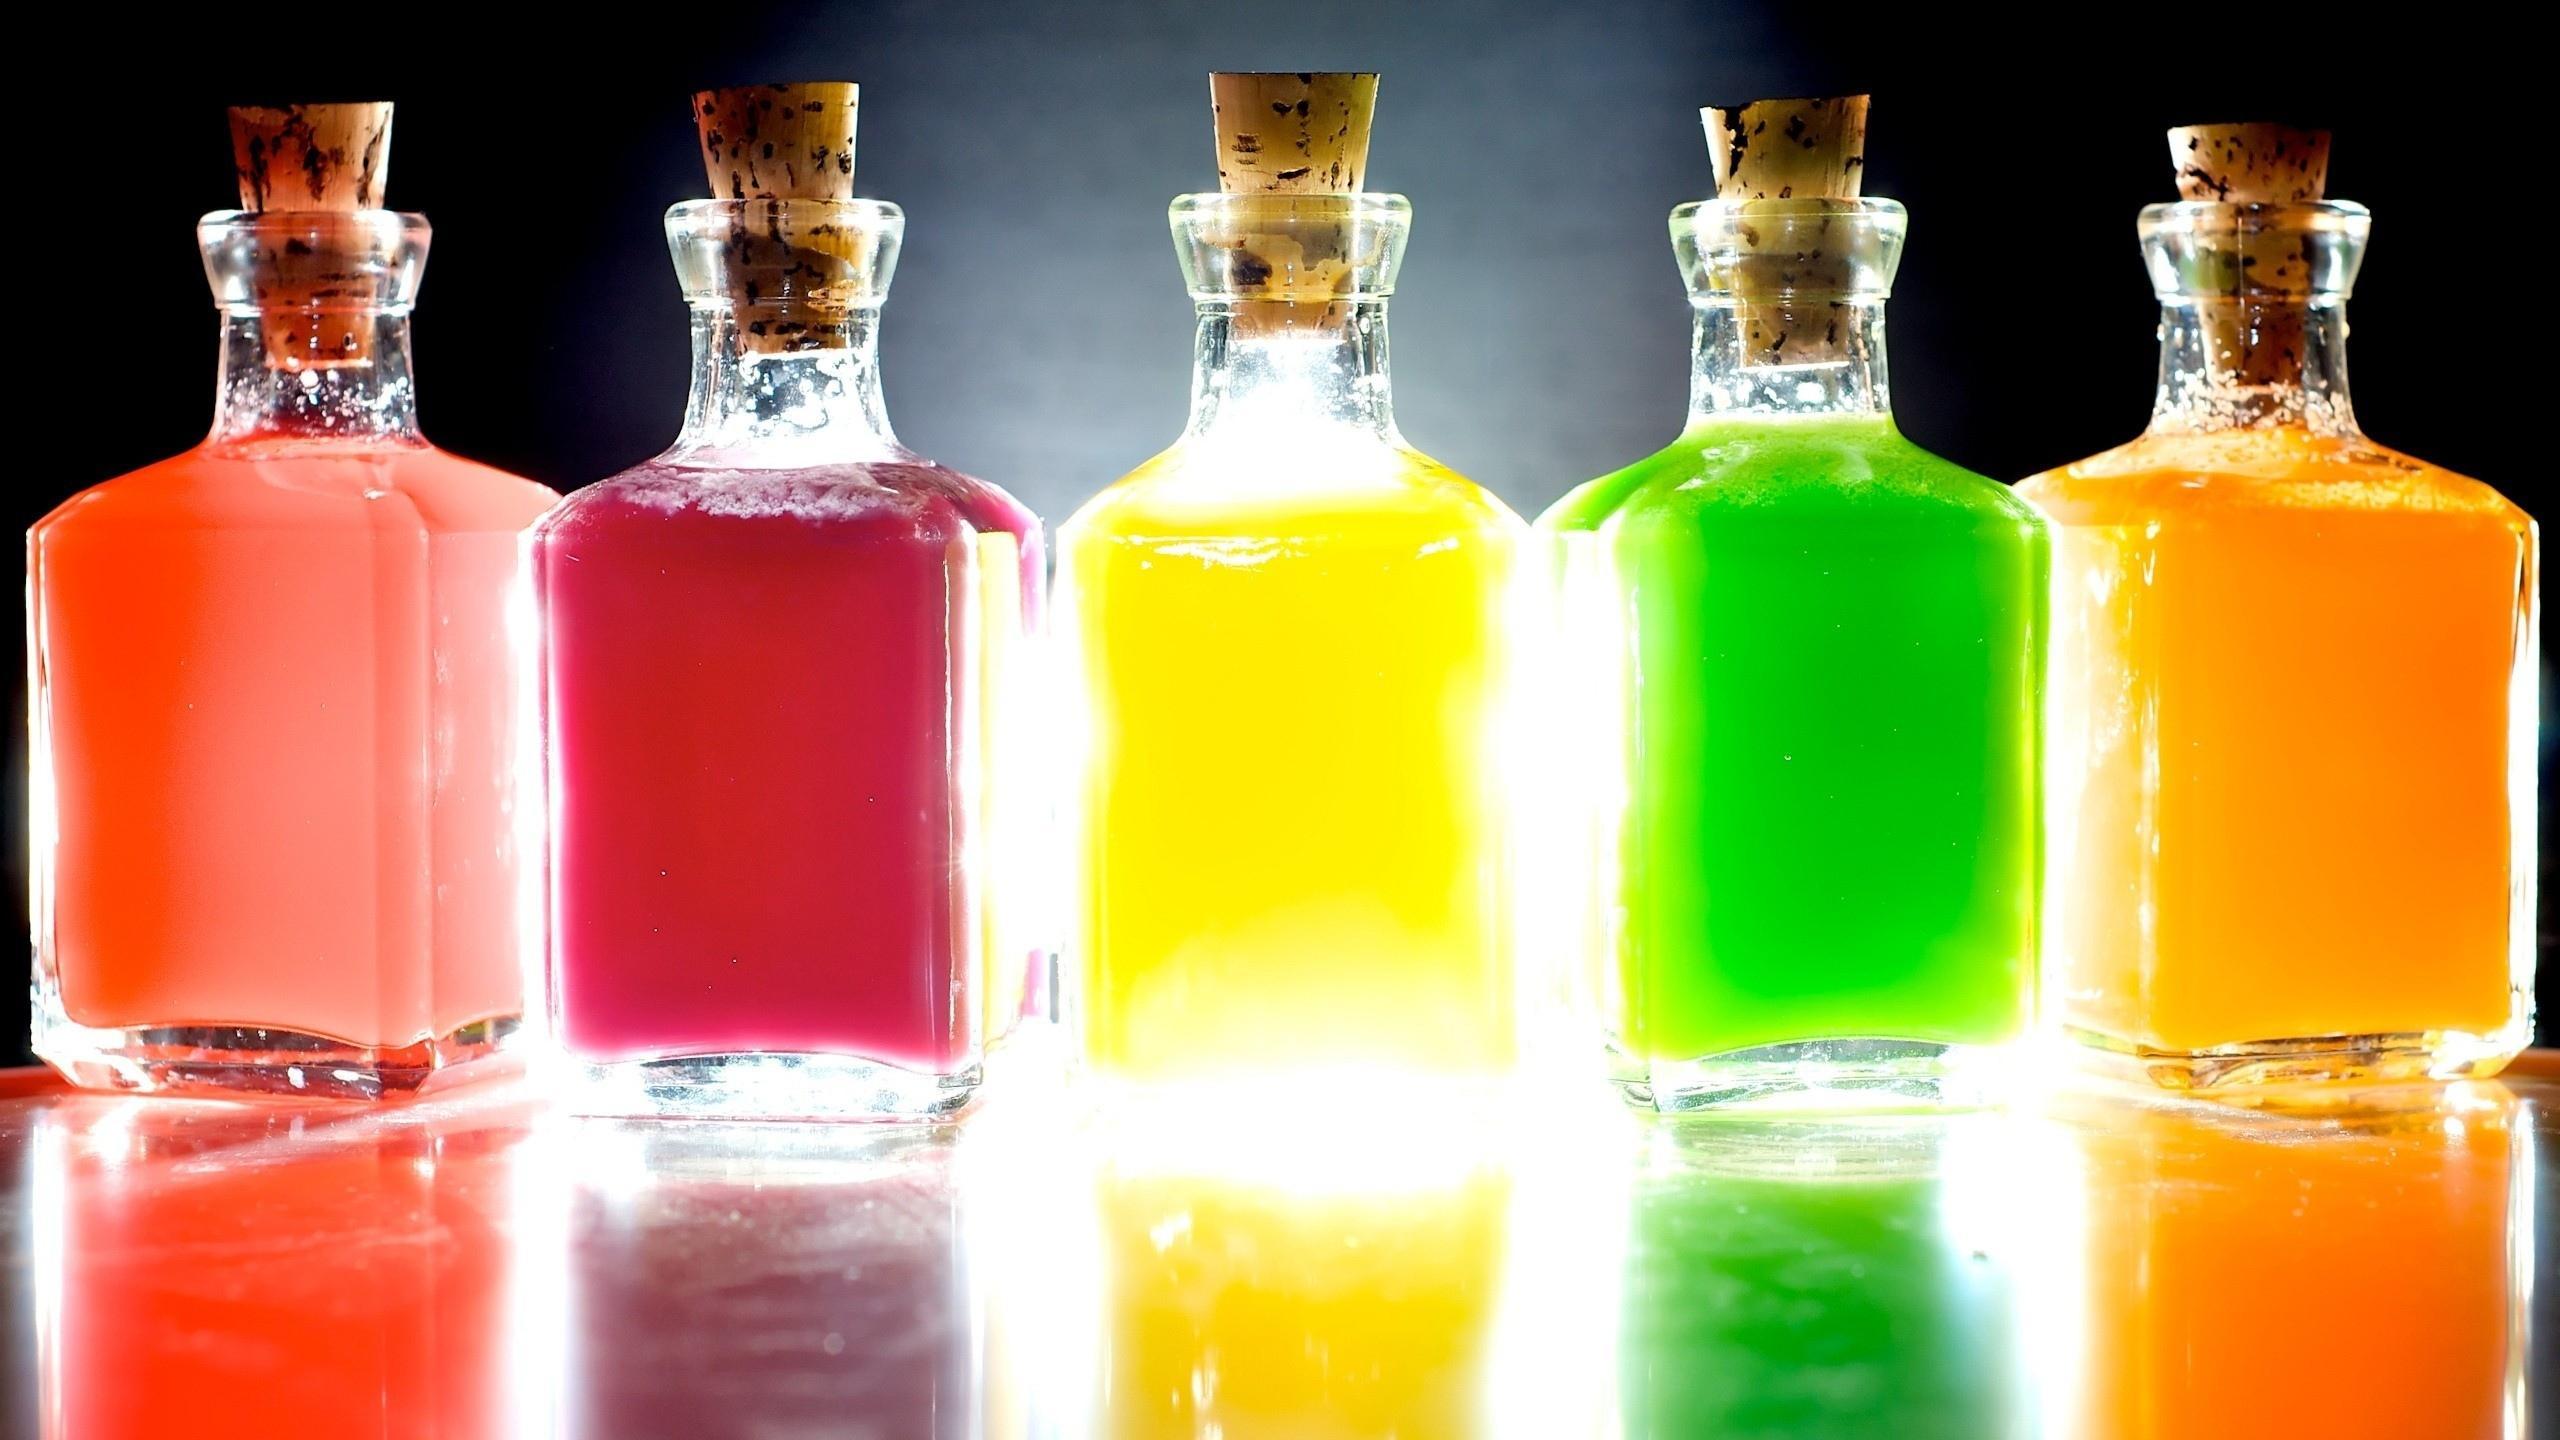 Через 30 лет синтезированное вещество заменит алкоголь